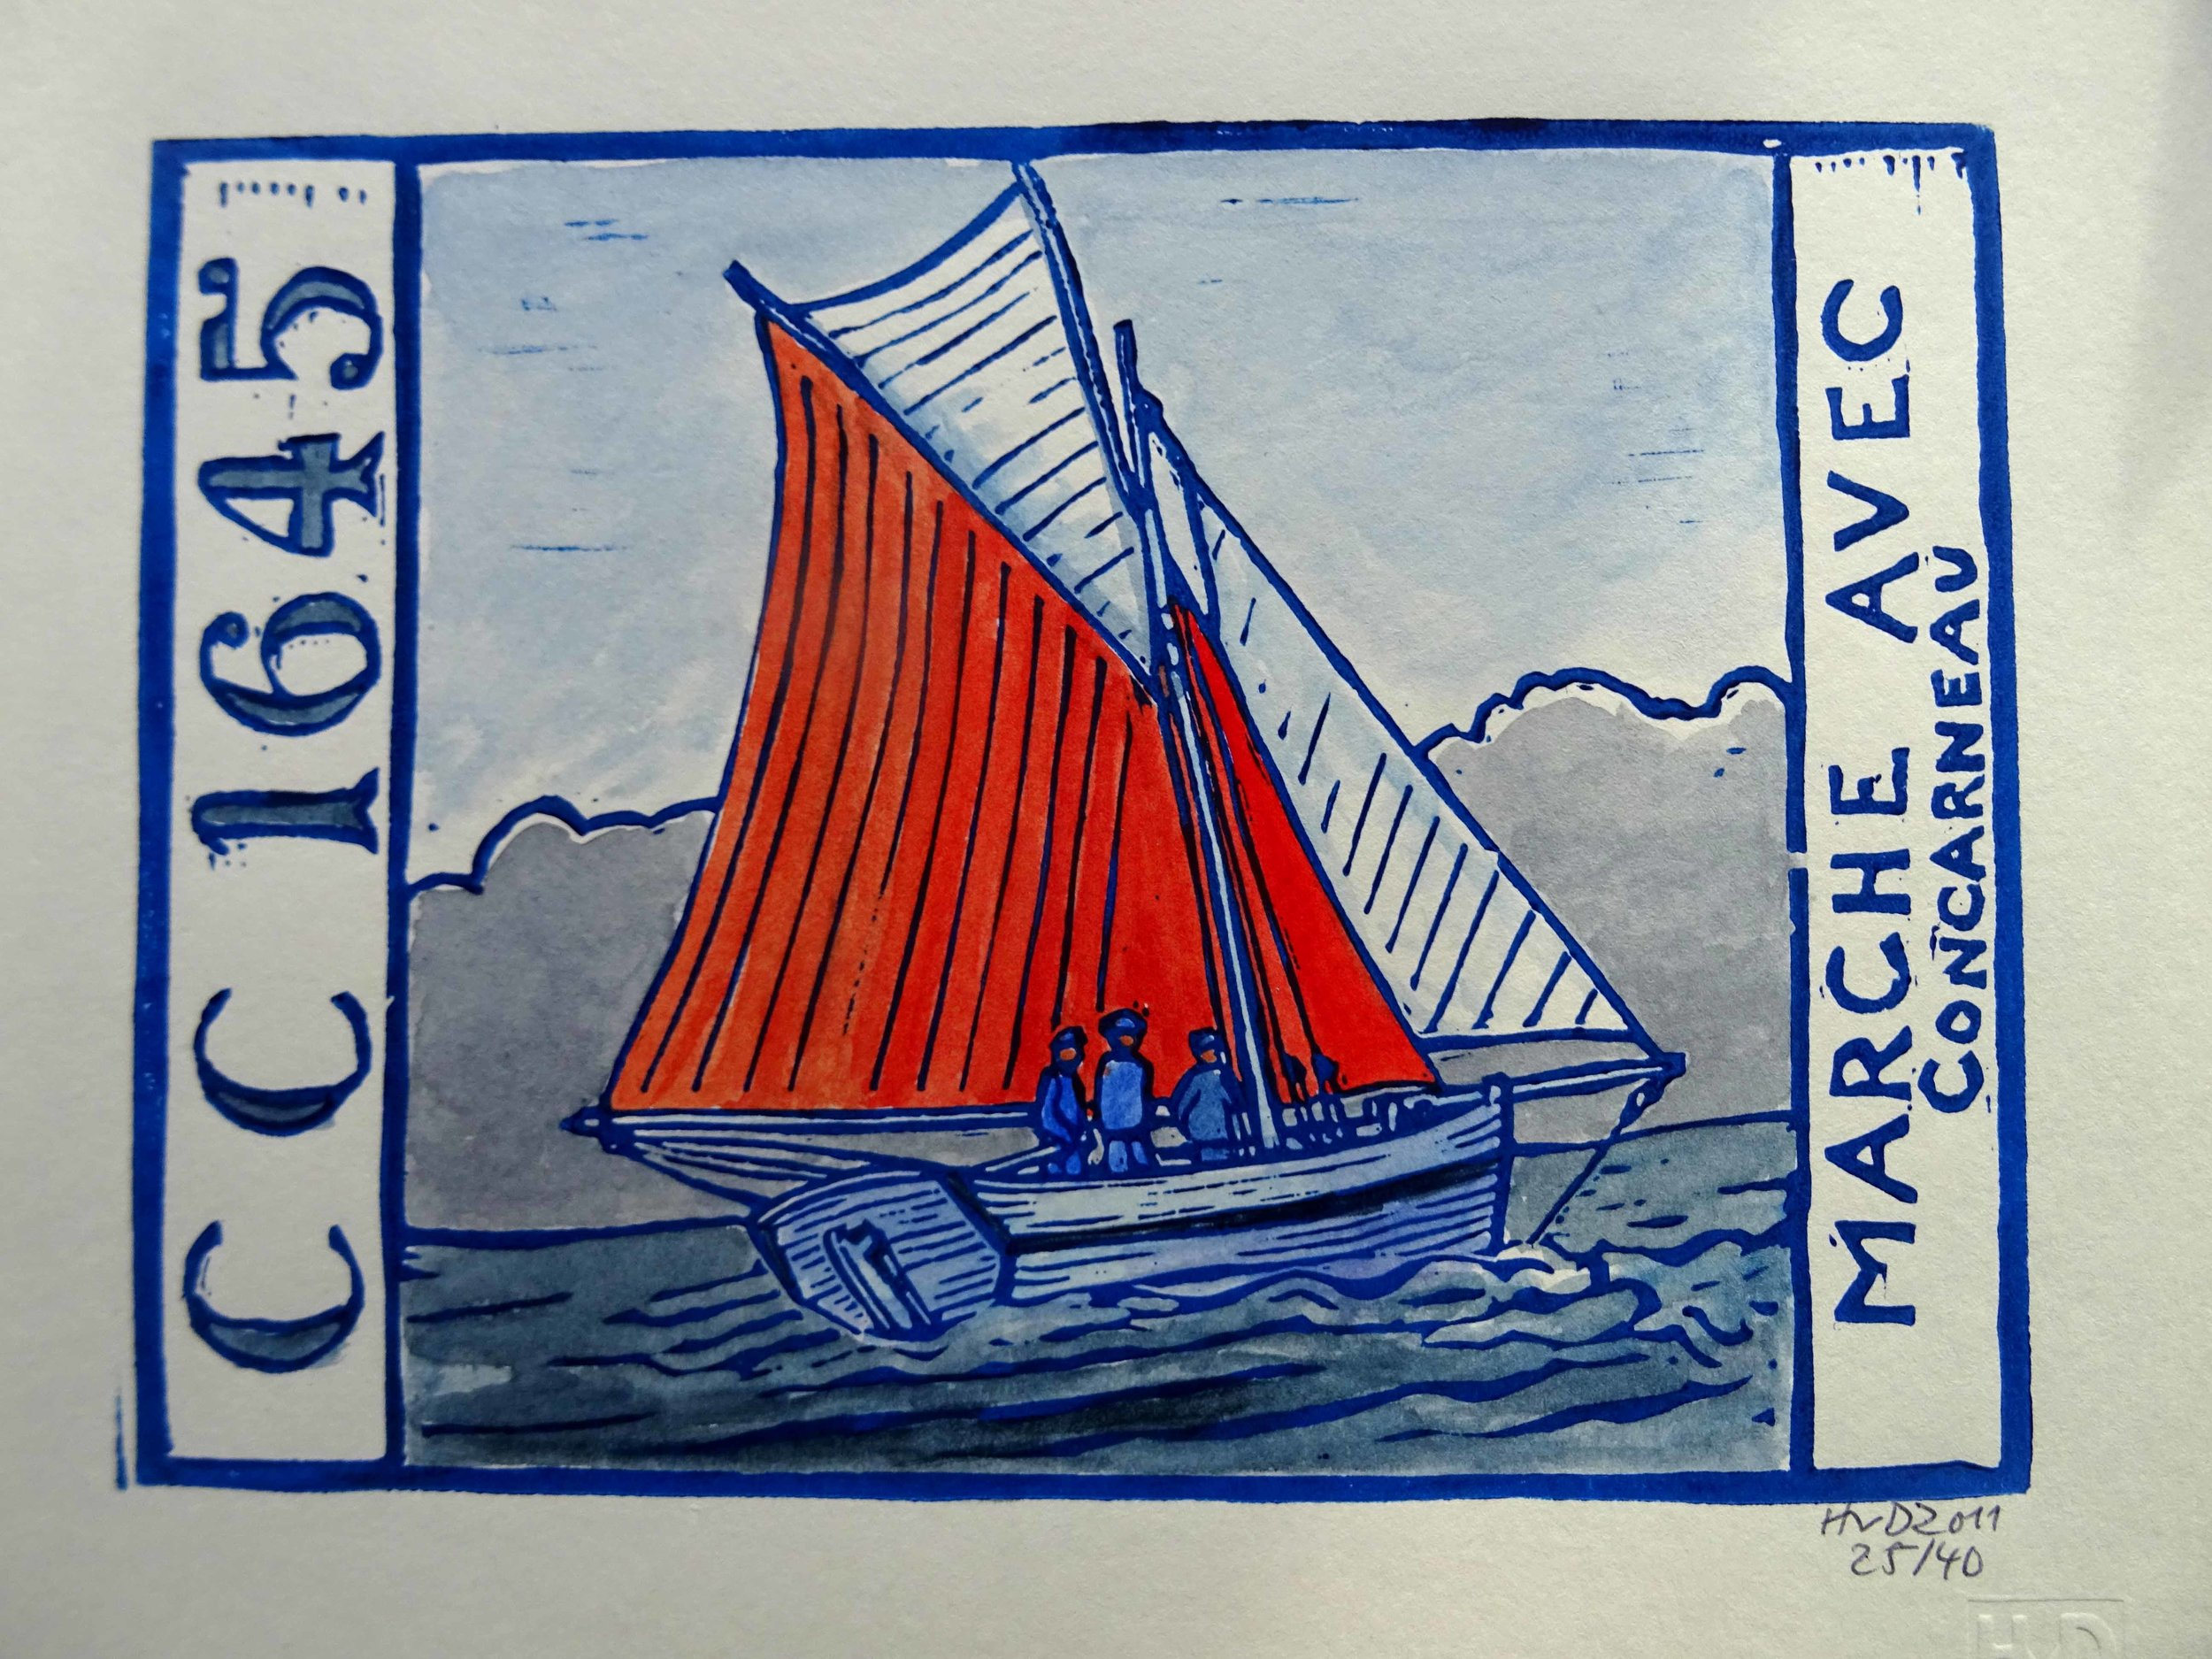 67 - Marche avec, coloured lino 15x20 cm, 50 €